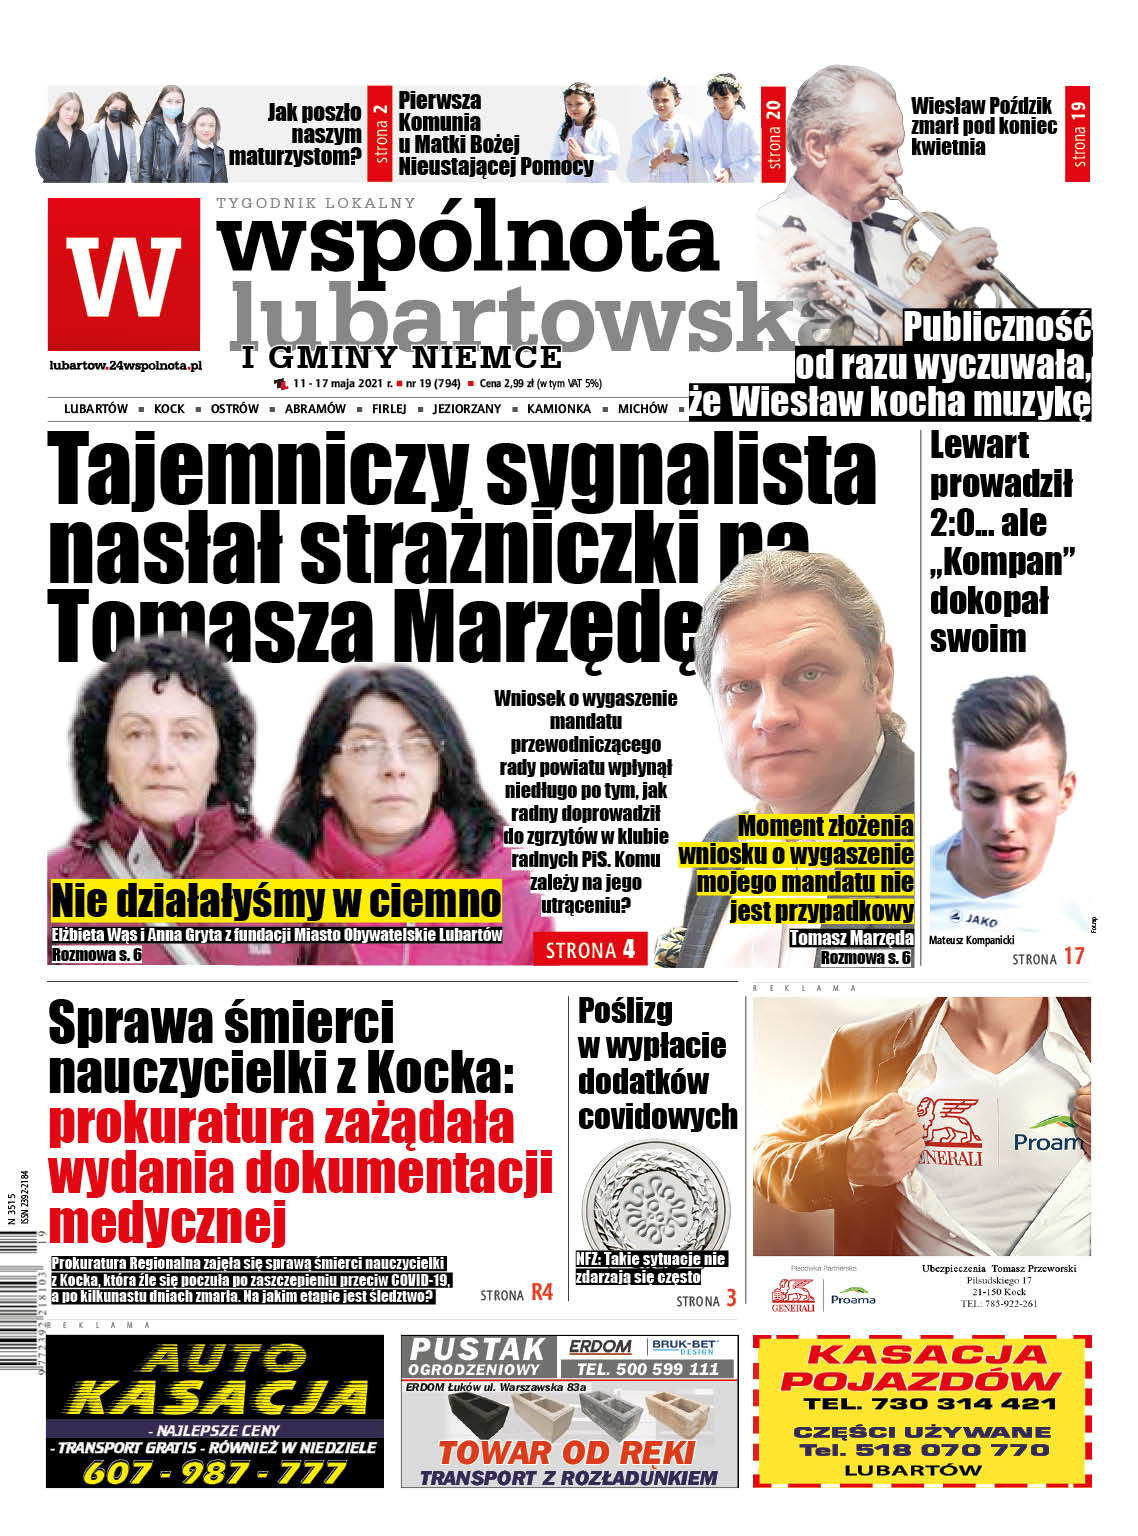 Sygnalista nasłał strażniczki na Tomasza Marzędę - Zdjęcie główne